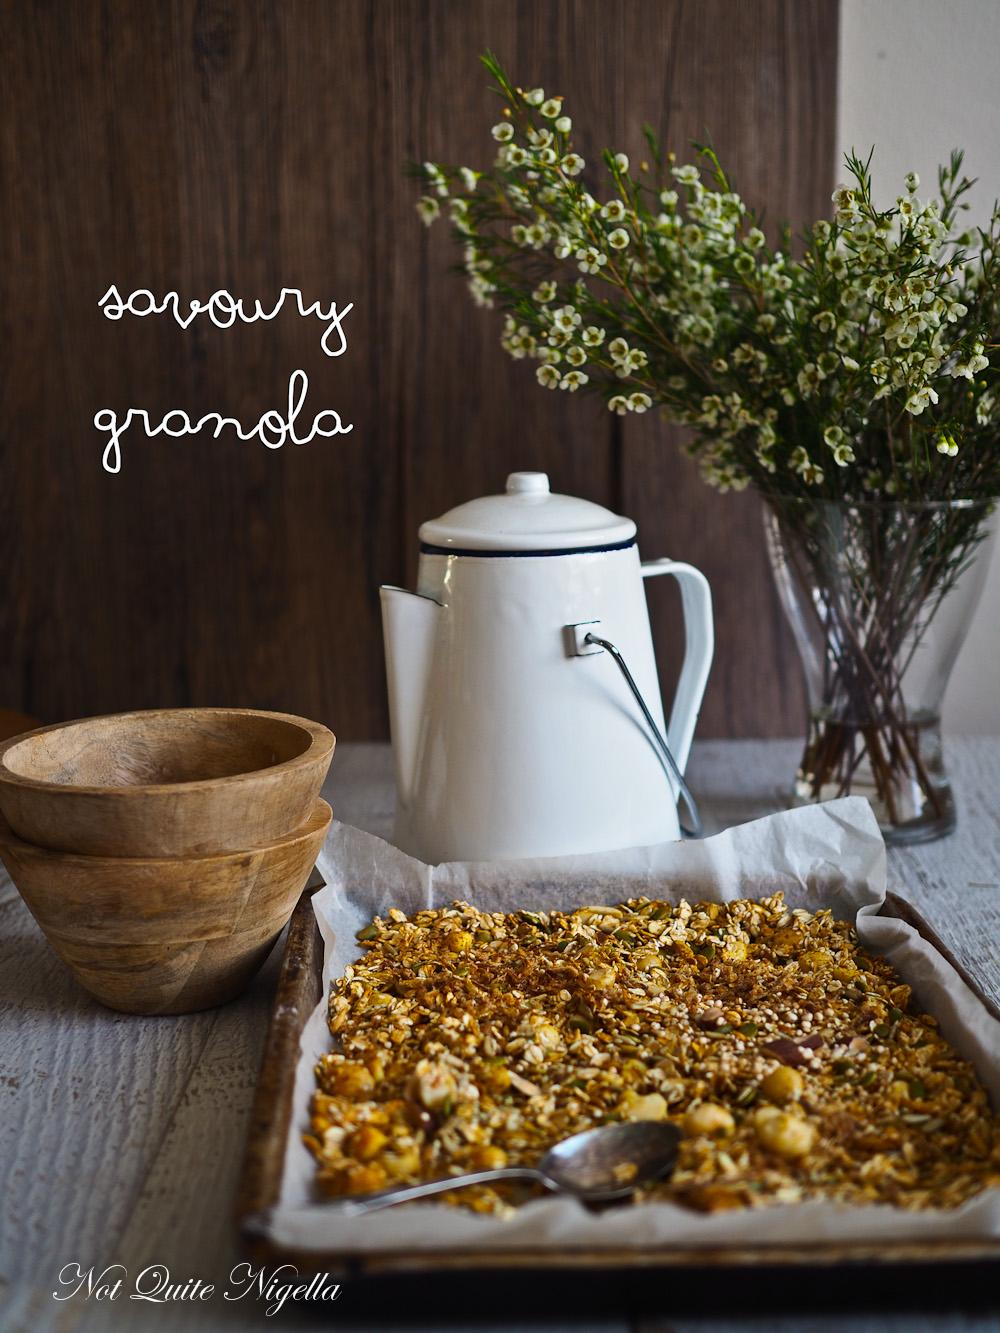 Savoury Granola